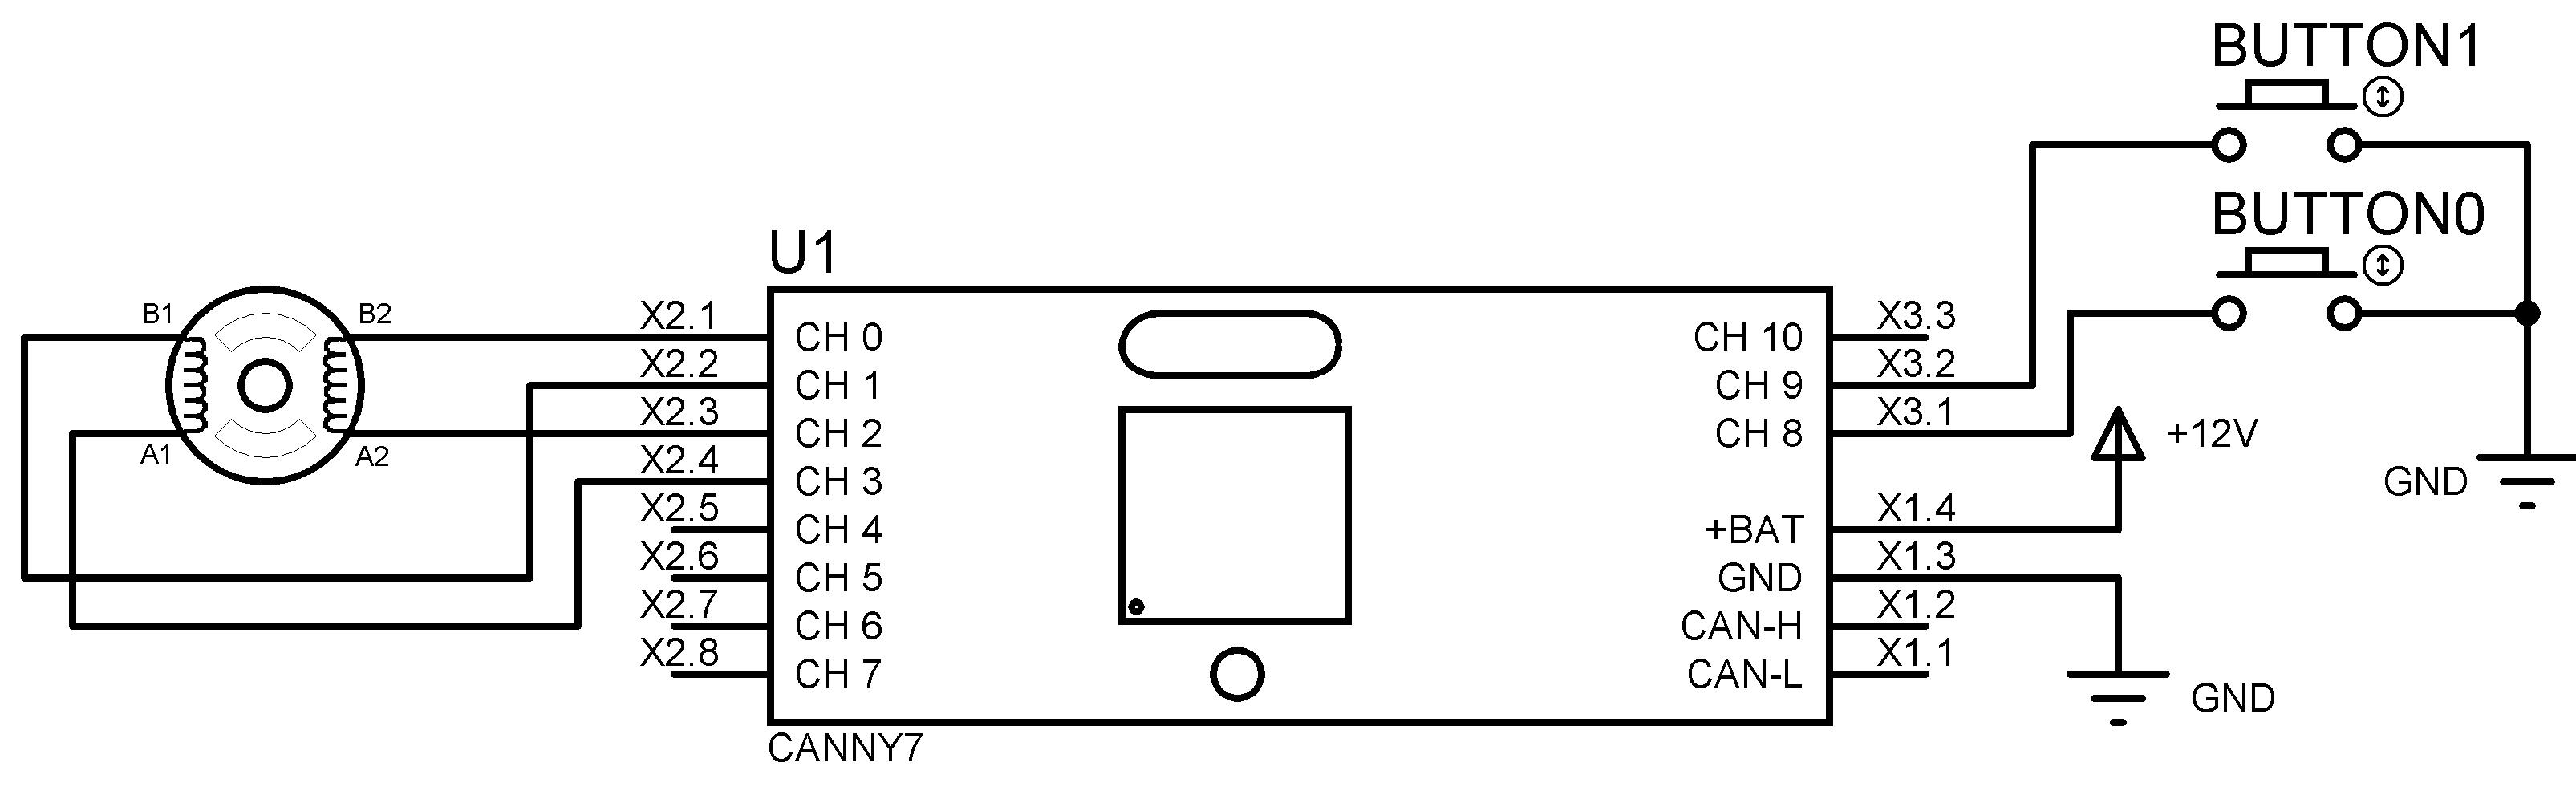 управления шаговый двигатель схема